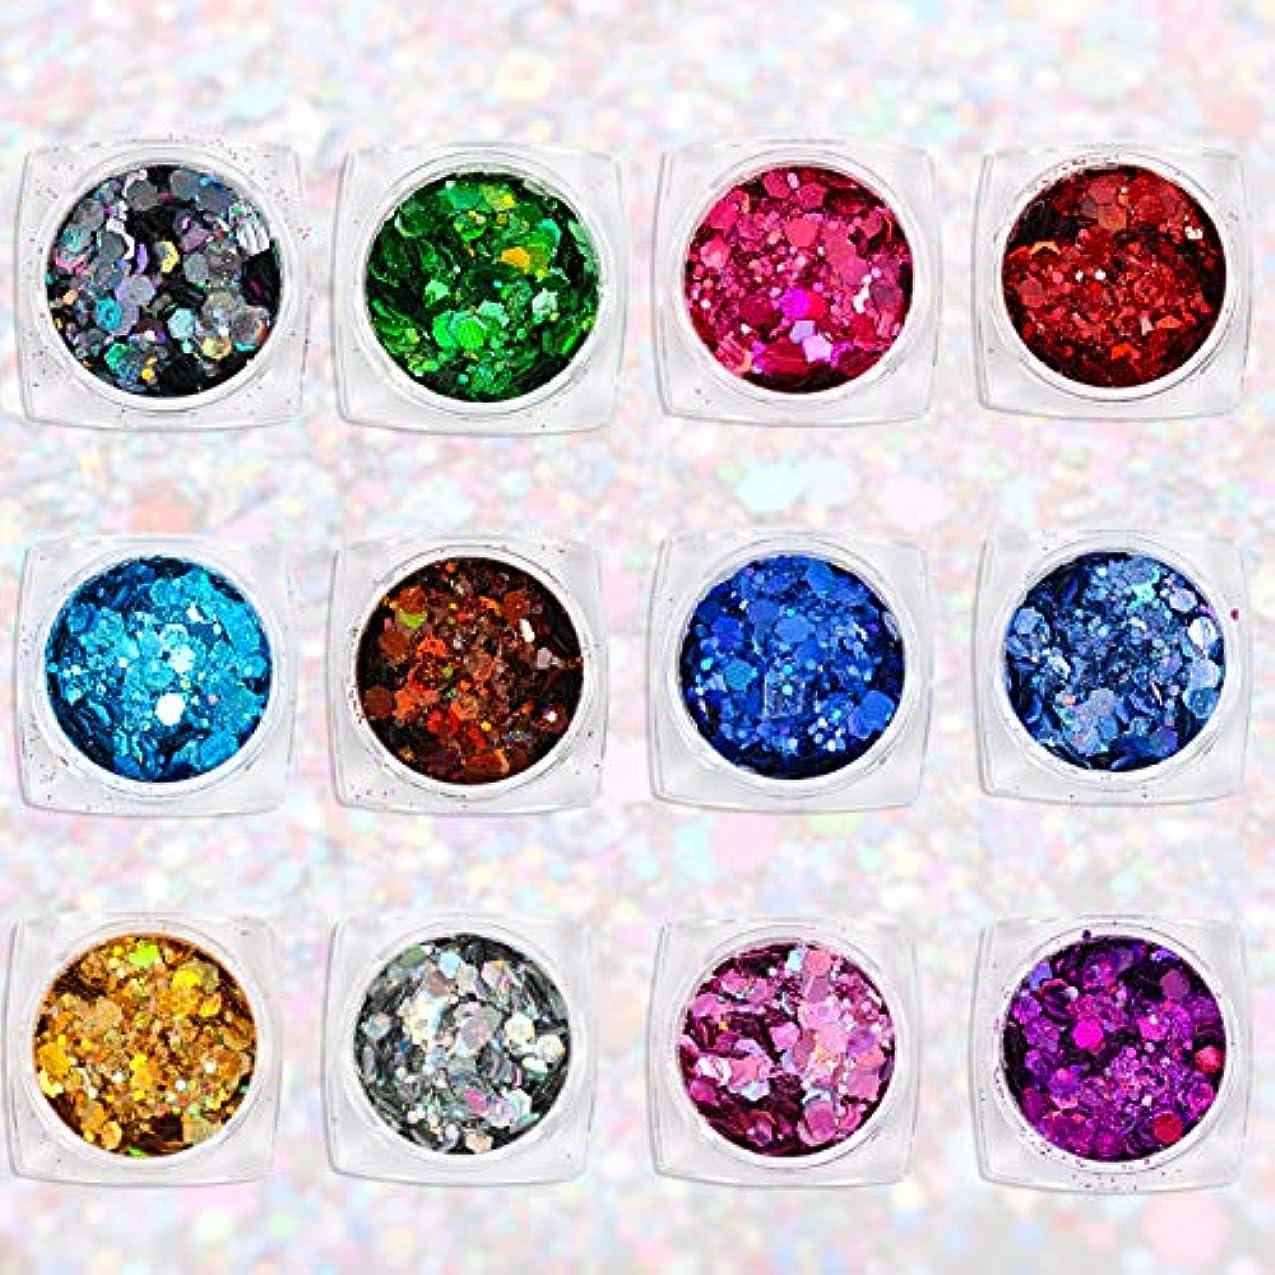 反論頼む成功Wadachikis 有益な12色レーザー六角形のスパンコール爪きらめき粉砂の携帯電話シェルの工芸品特別なきらめきパウダーグリッタースパンコール